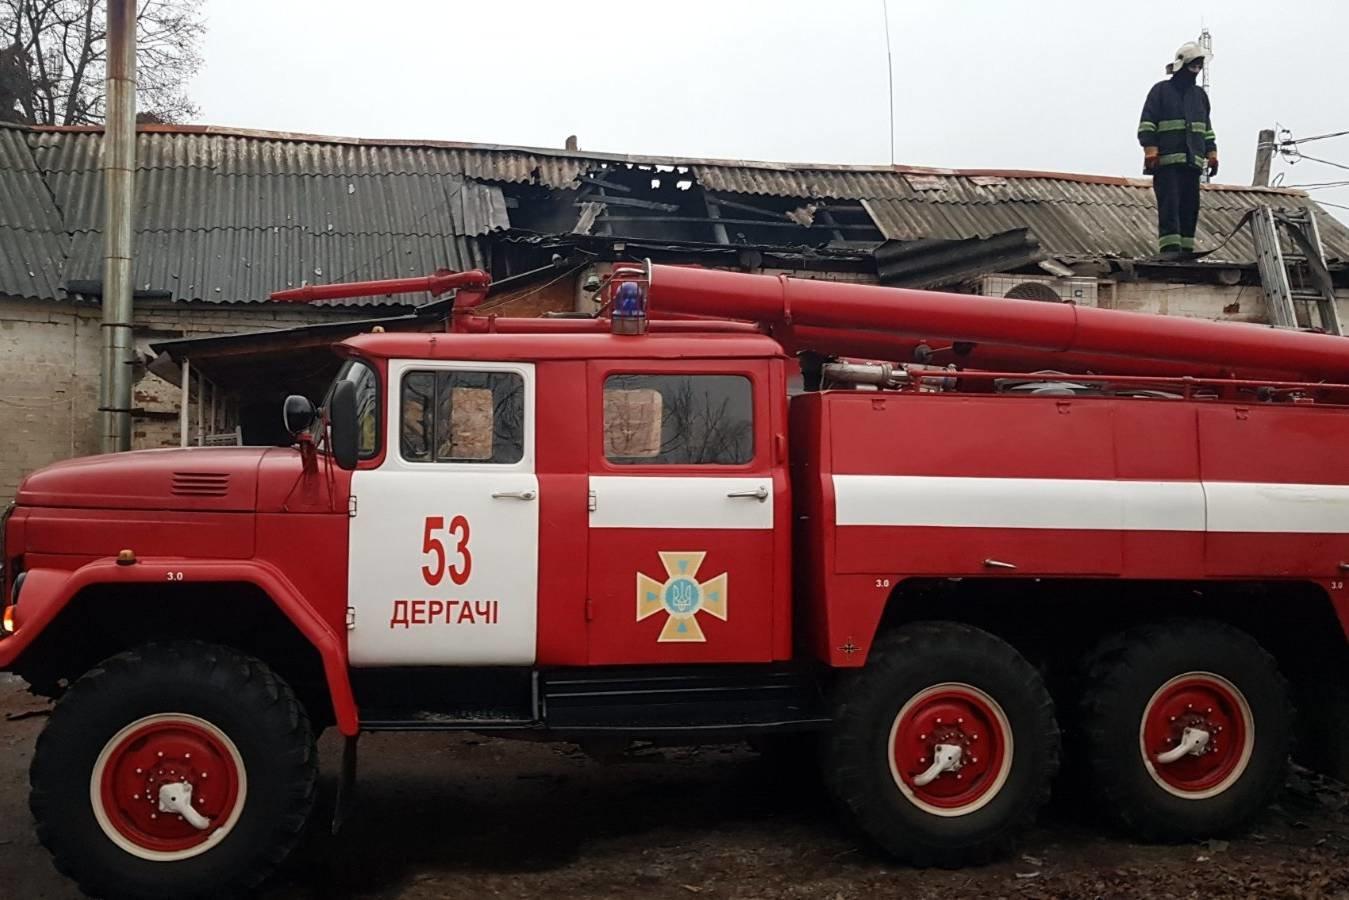 Под Харьковом спасатели тушили масштабный пожар в магазине, который загорелся из-за короткого замыкания, - ФОТО, фото-2